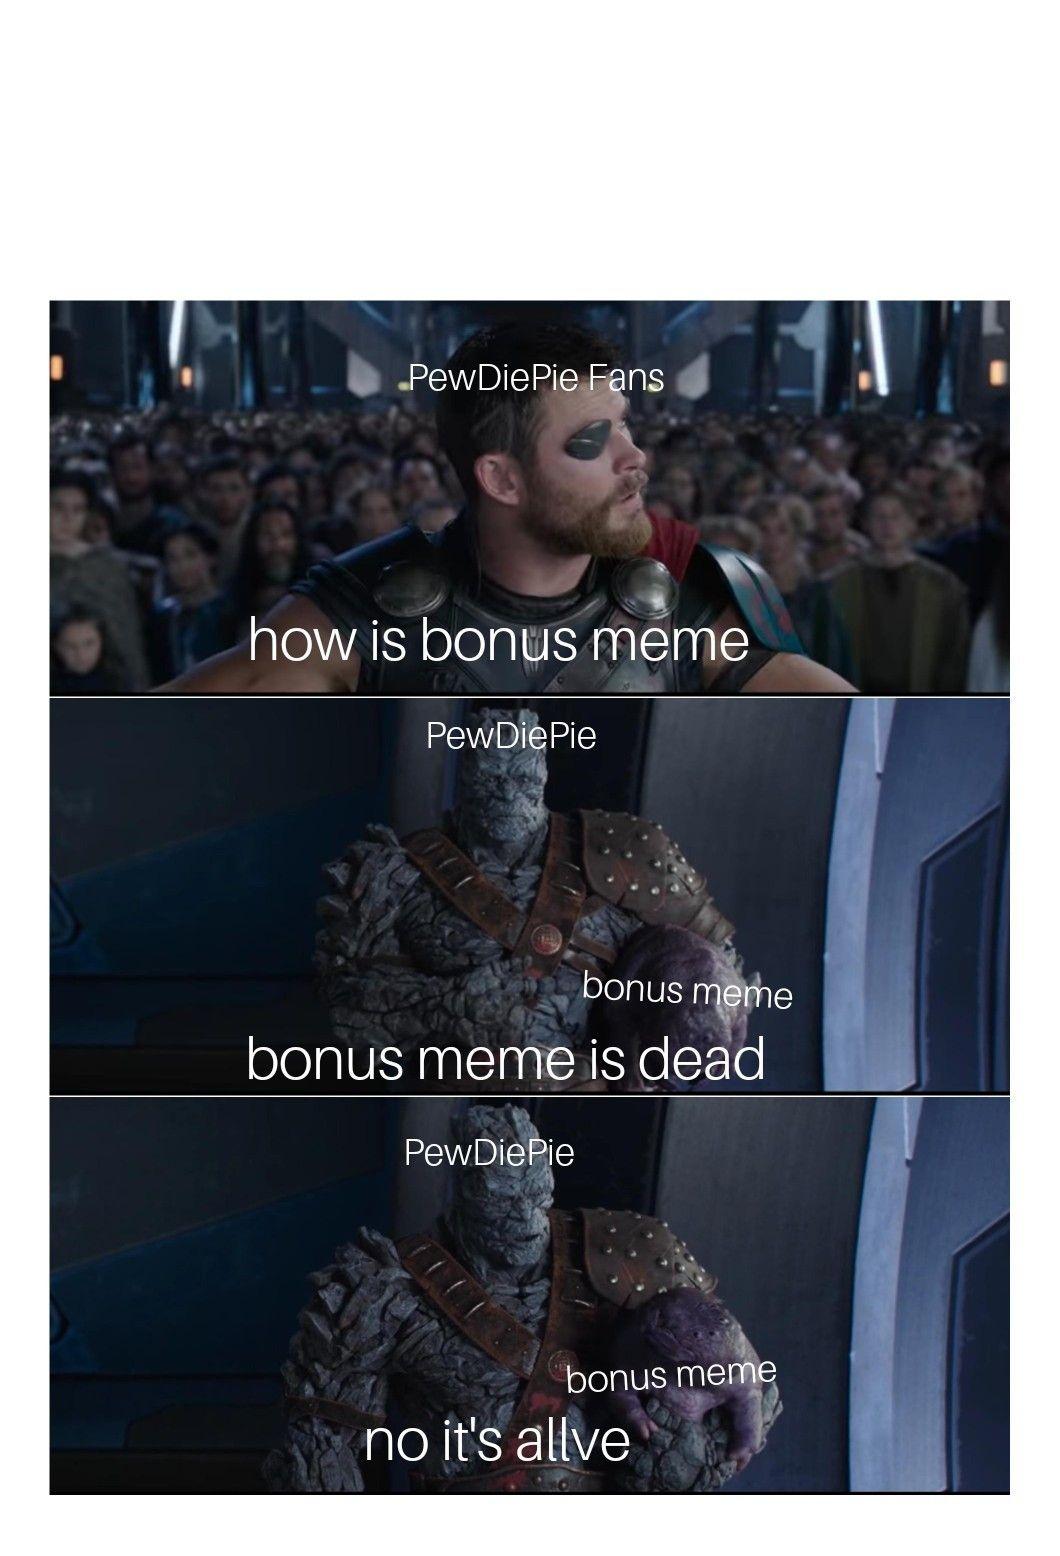 Pewdiepie S Latest Meme Review Memes Pewdiepie Late Meme